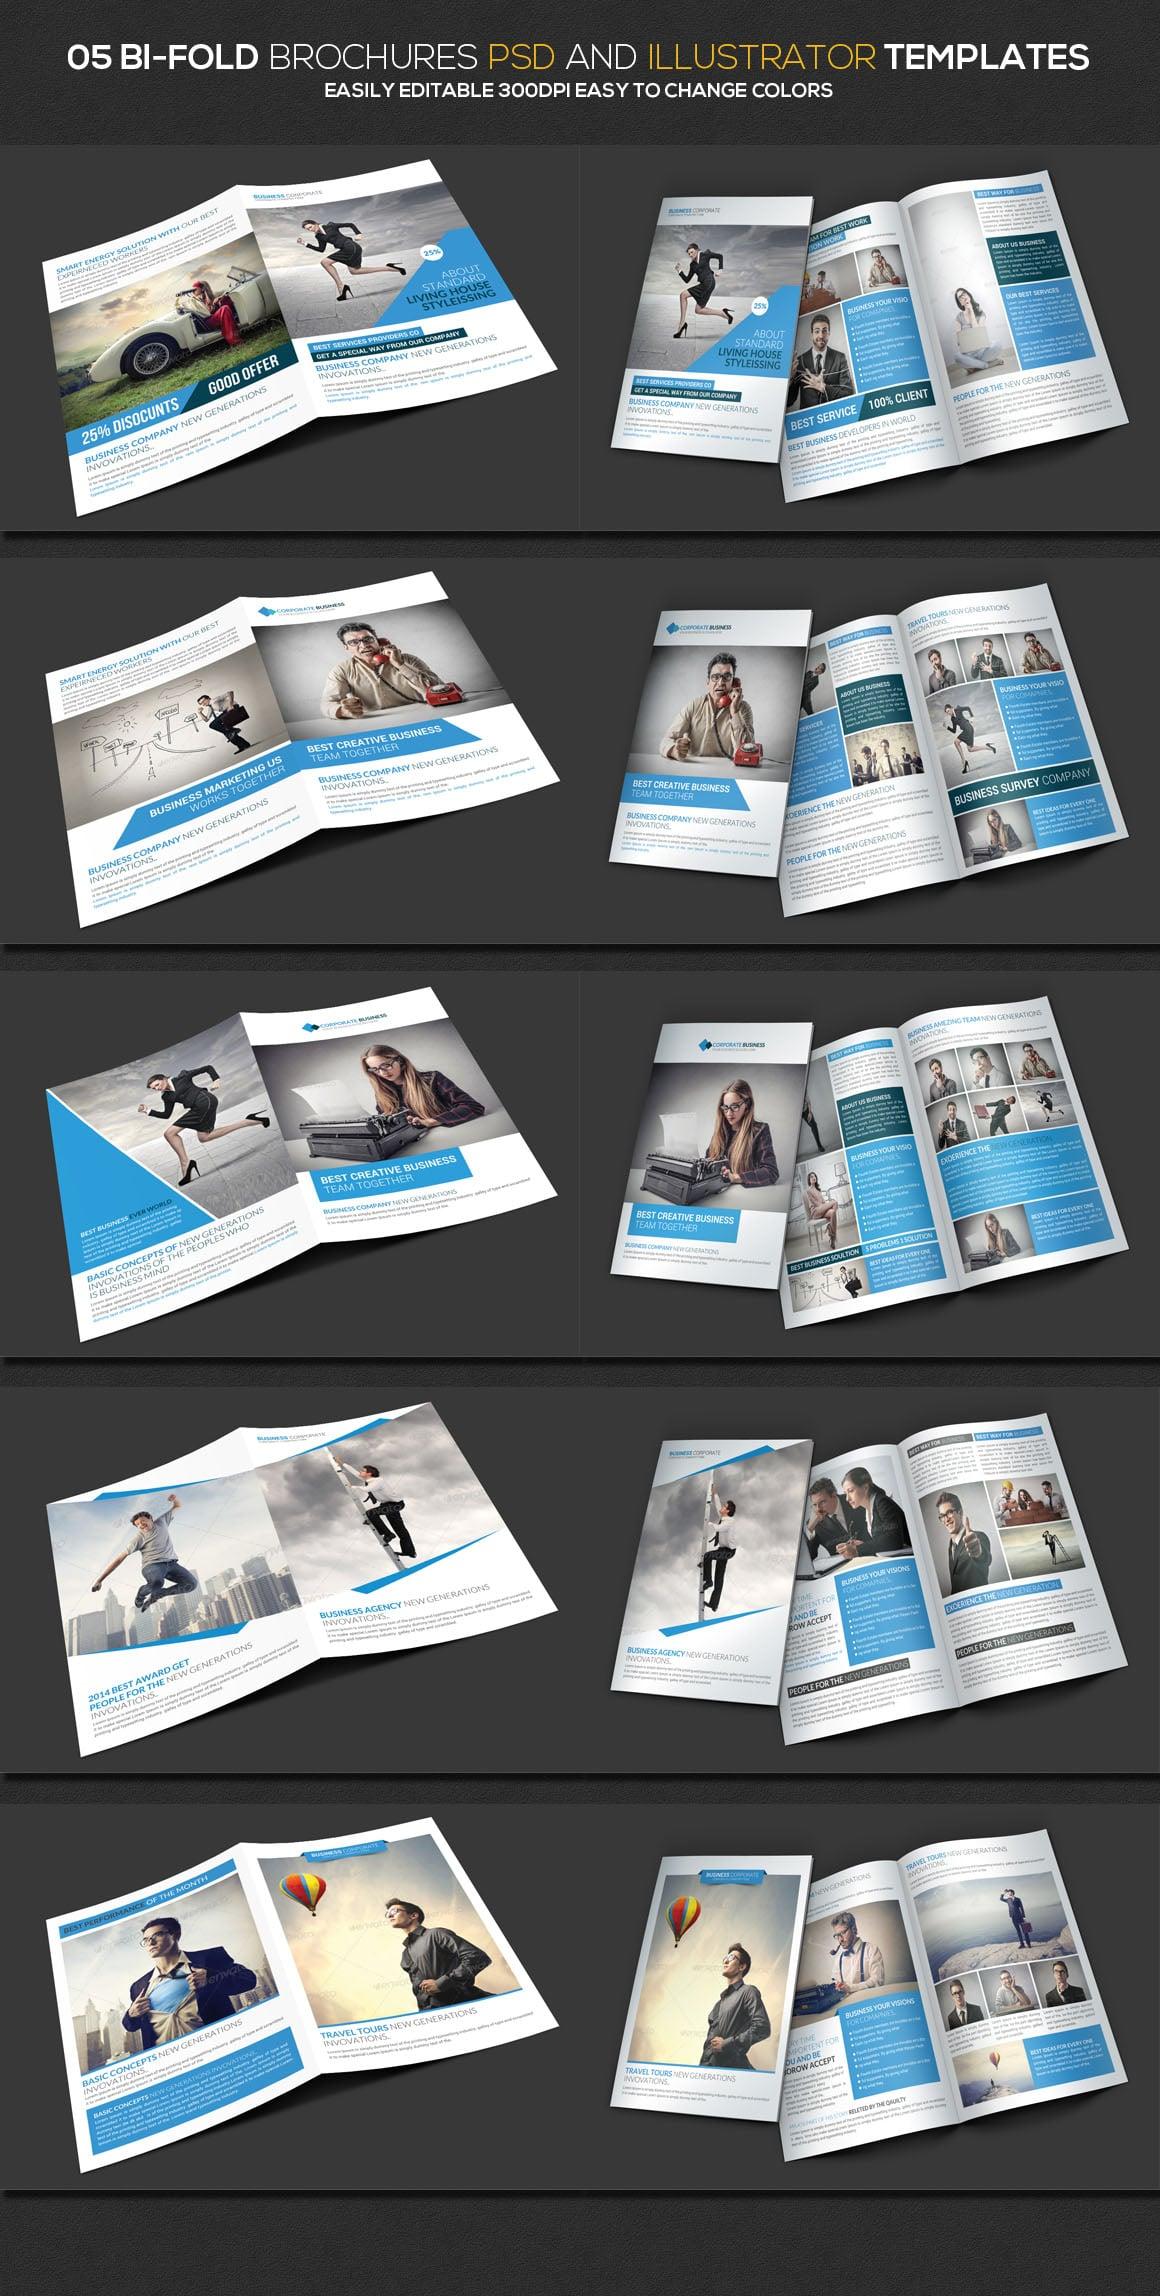 5 Bifold Brochures templates